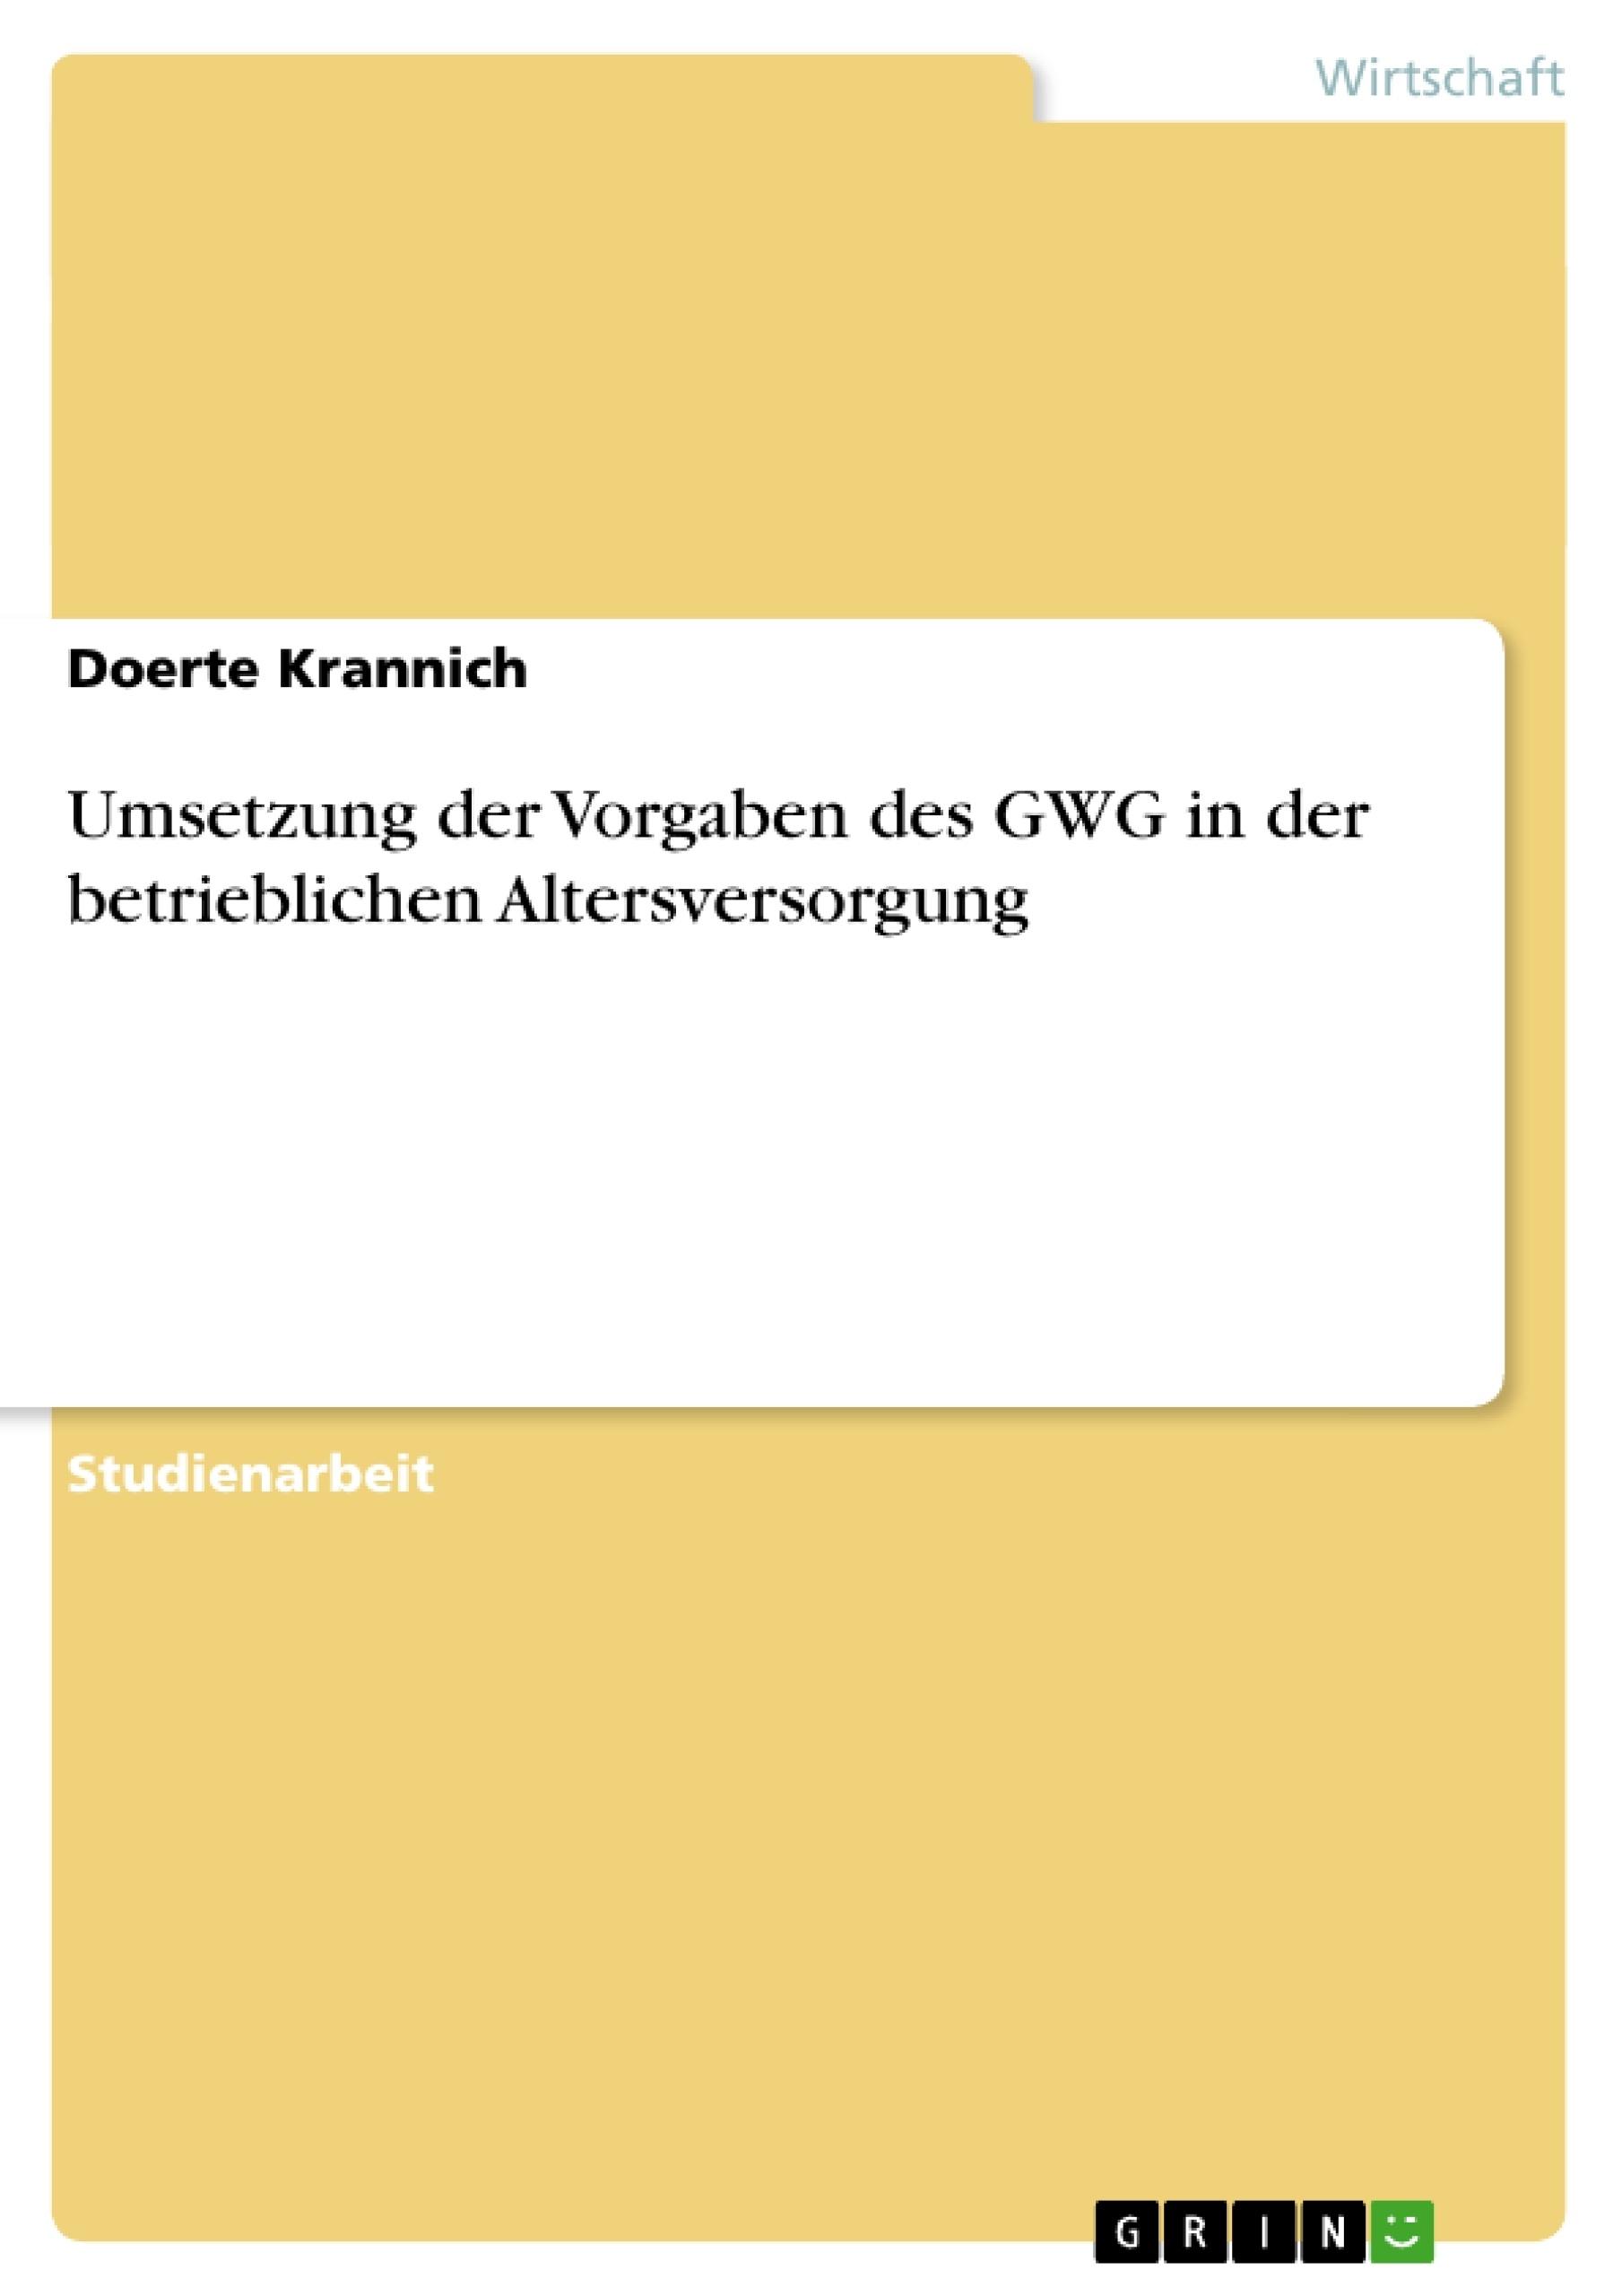 Titel: Umsetzung der Vorgaben des GWG in der betrieblichen Altersversorgung